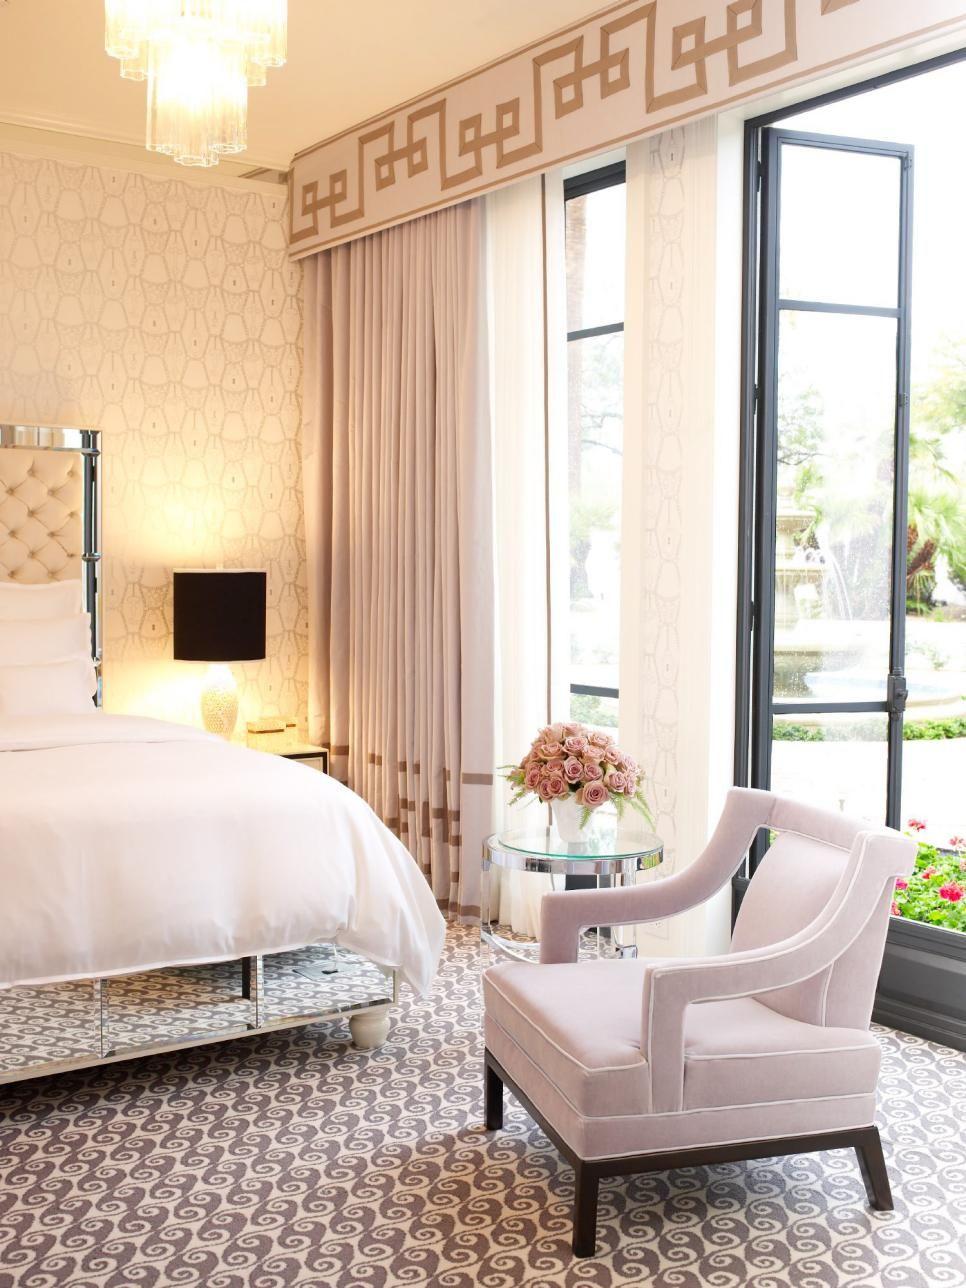 DP_Jamie-Herzlinger-traditional-neutral-bedroom-curtains_v.jpg.rend.hgtvcom.966.1288.jpeg (966×1288)